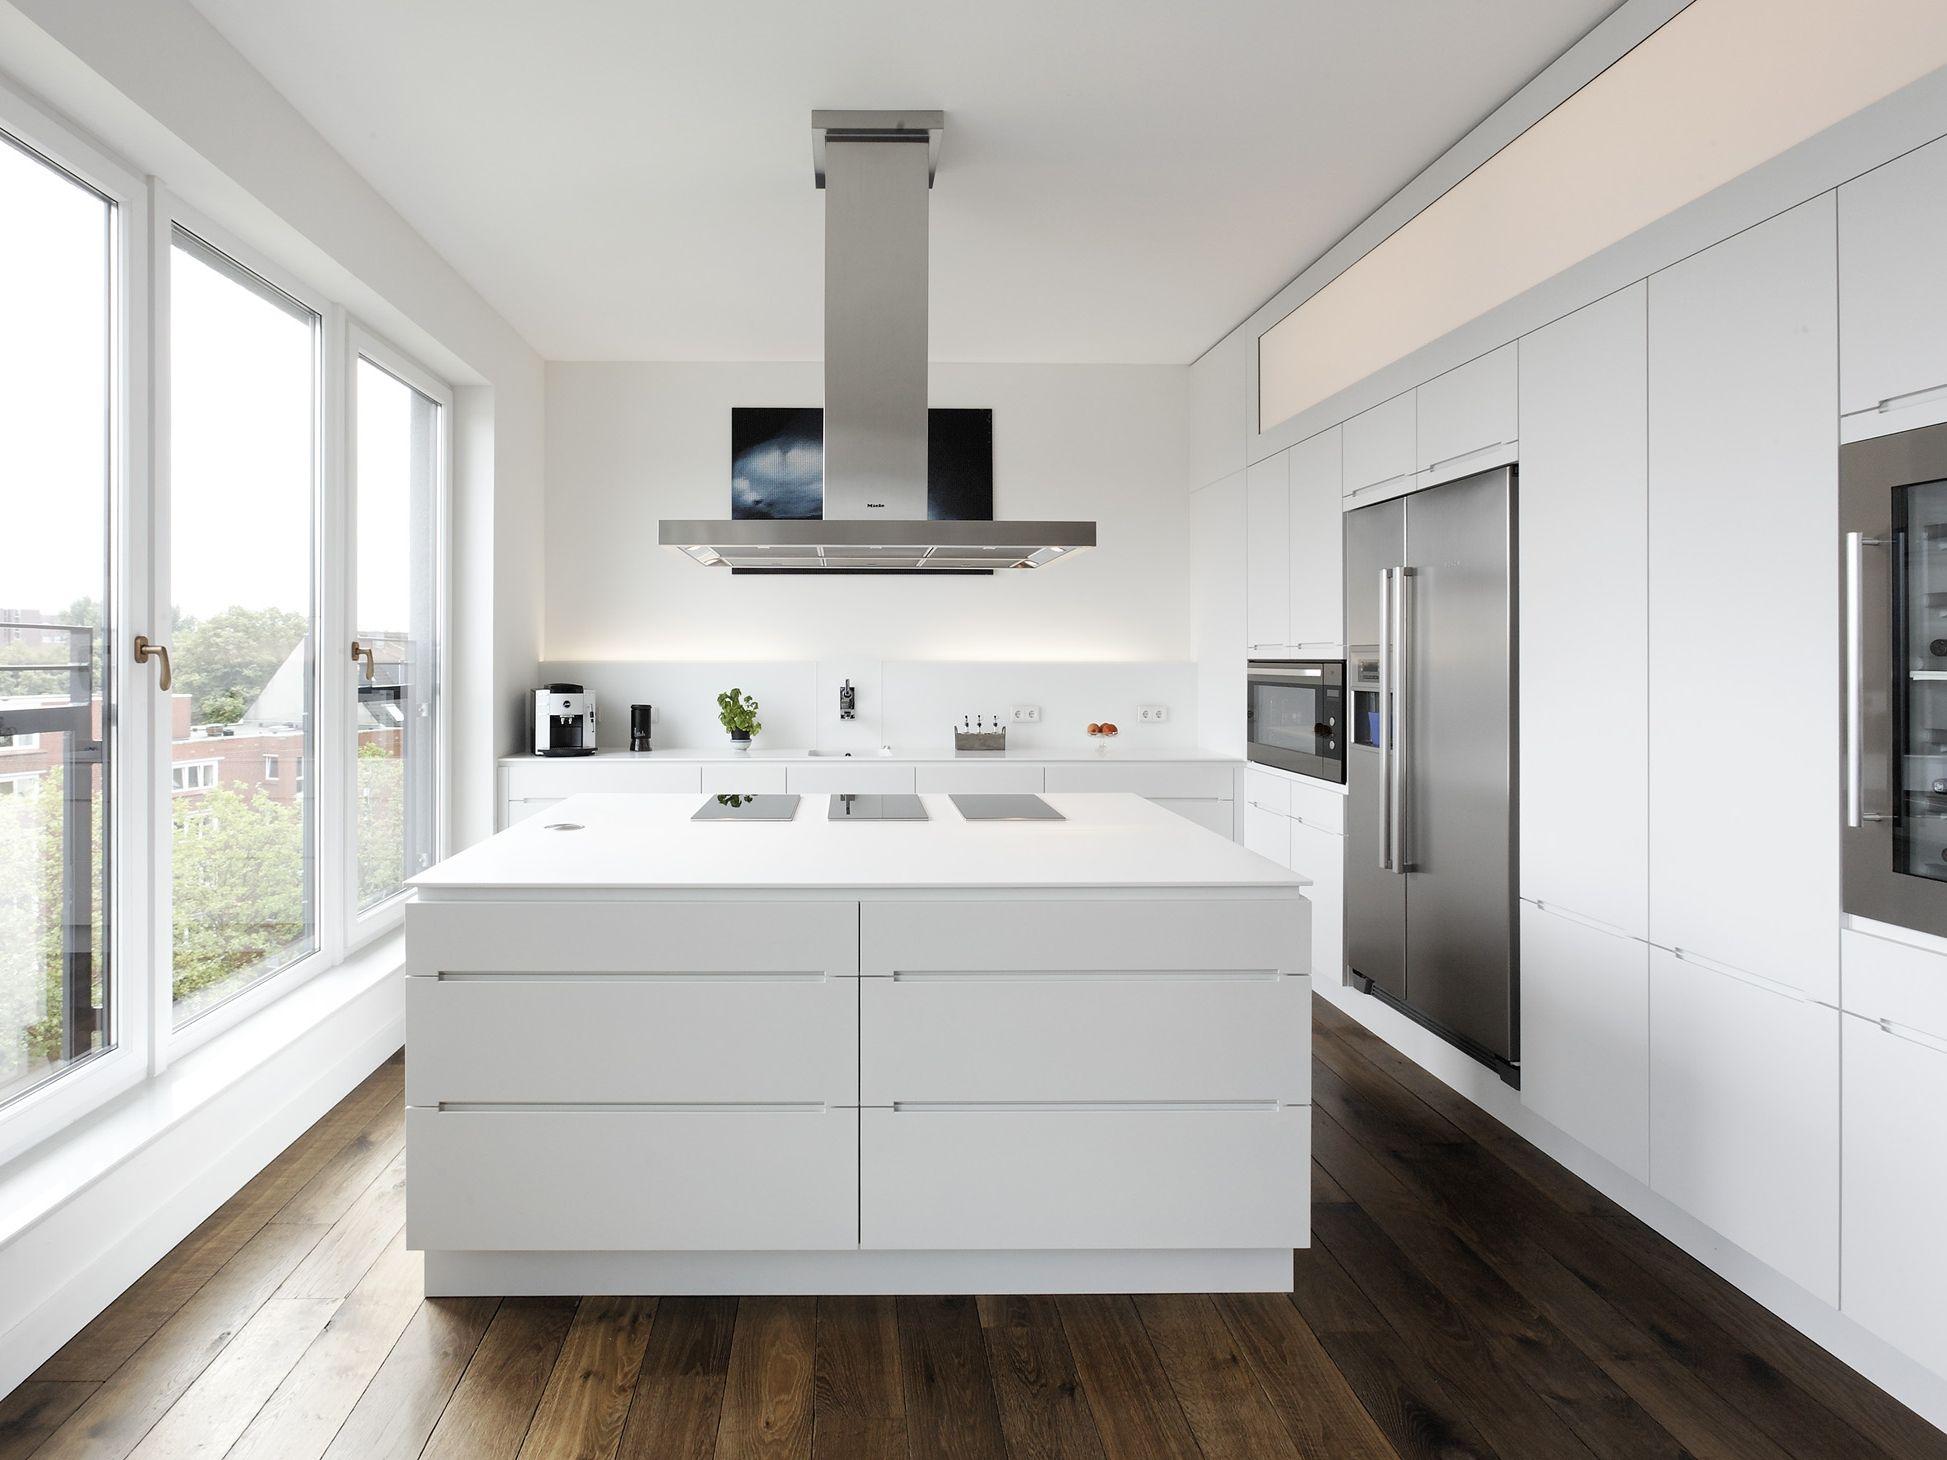 Plan w kitchen interni della cucina progetti di cucine for Planner cucina